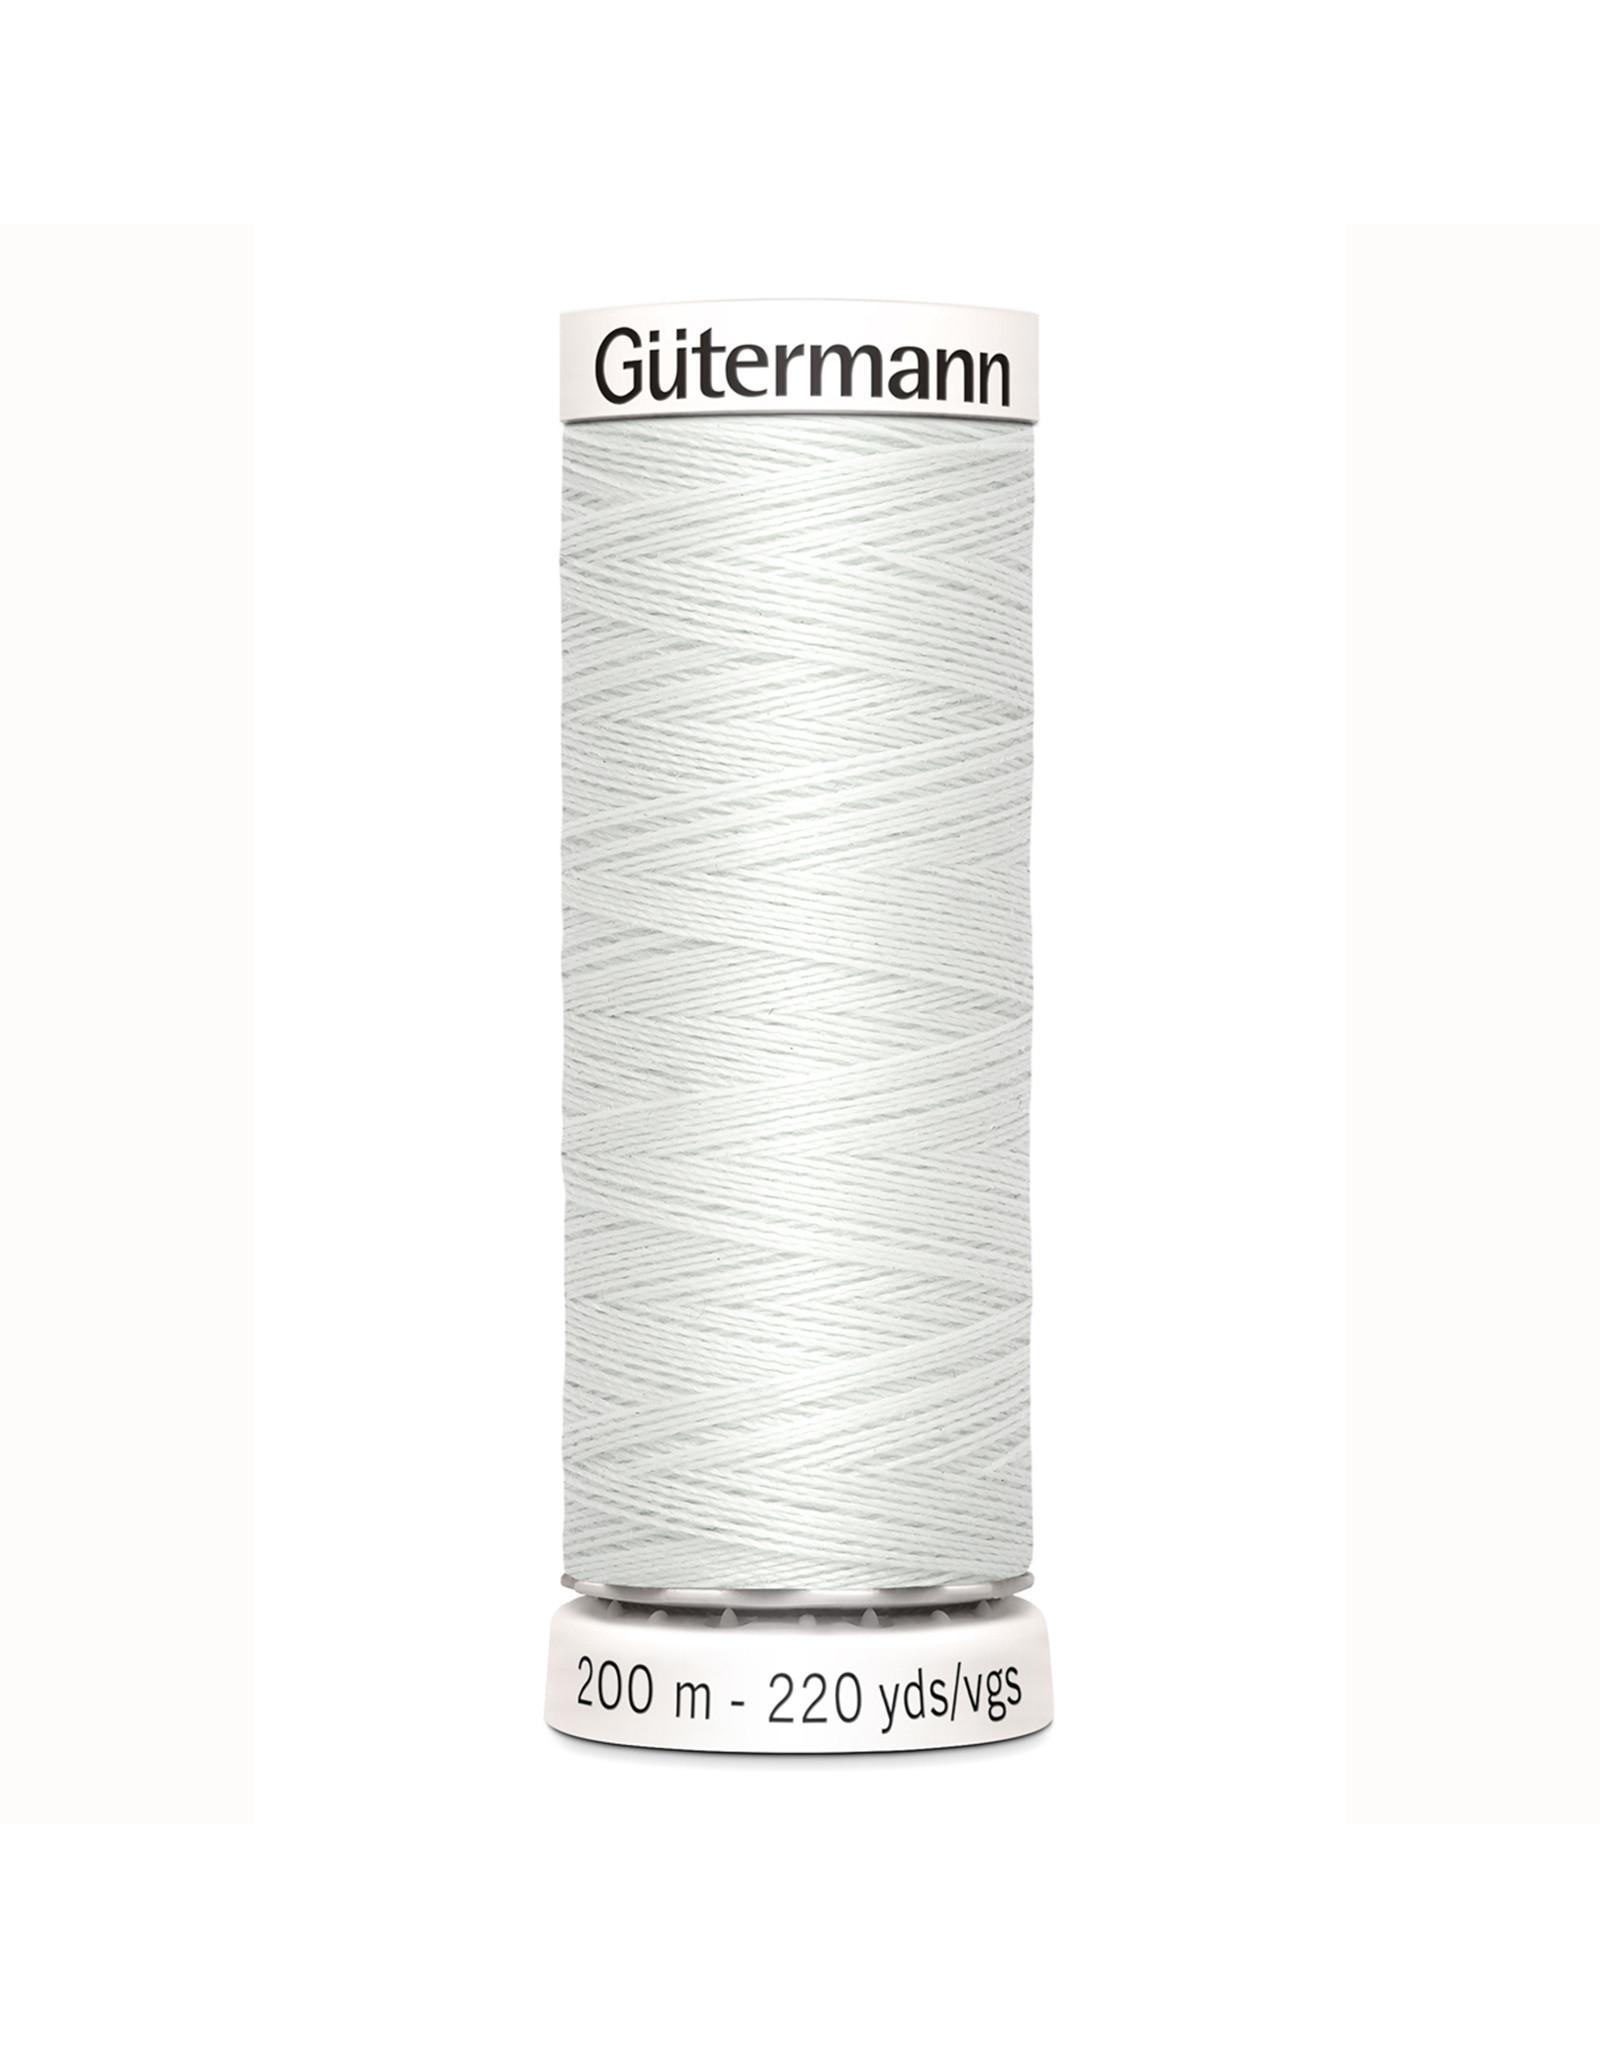 Gütermann Gütermann Sewing Thread 200 m - nr 643